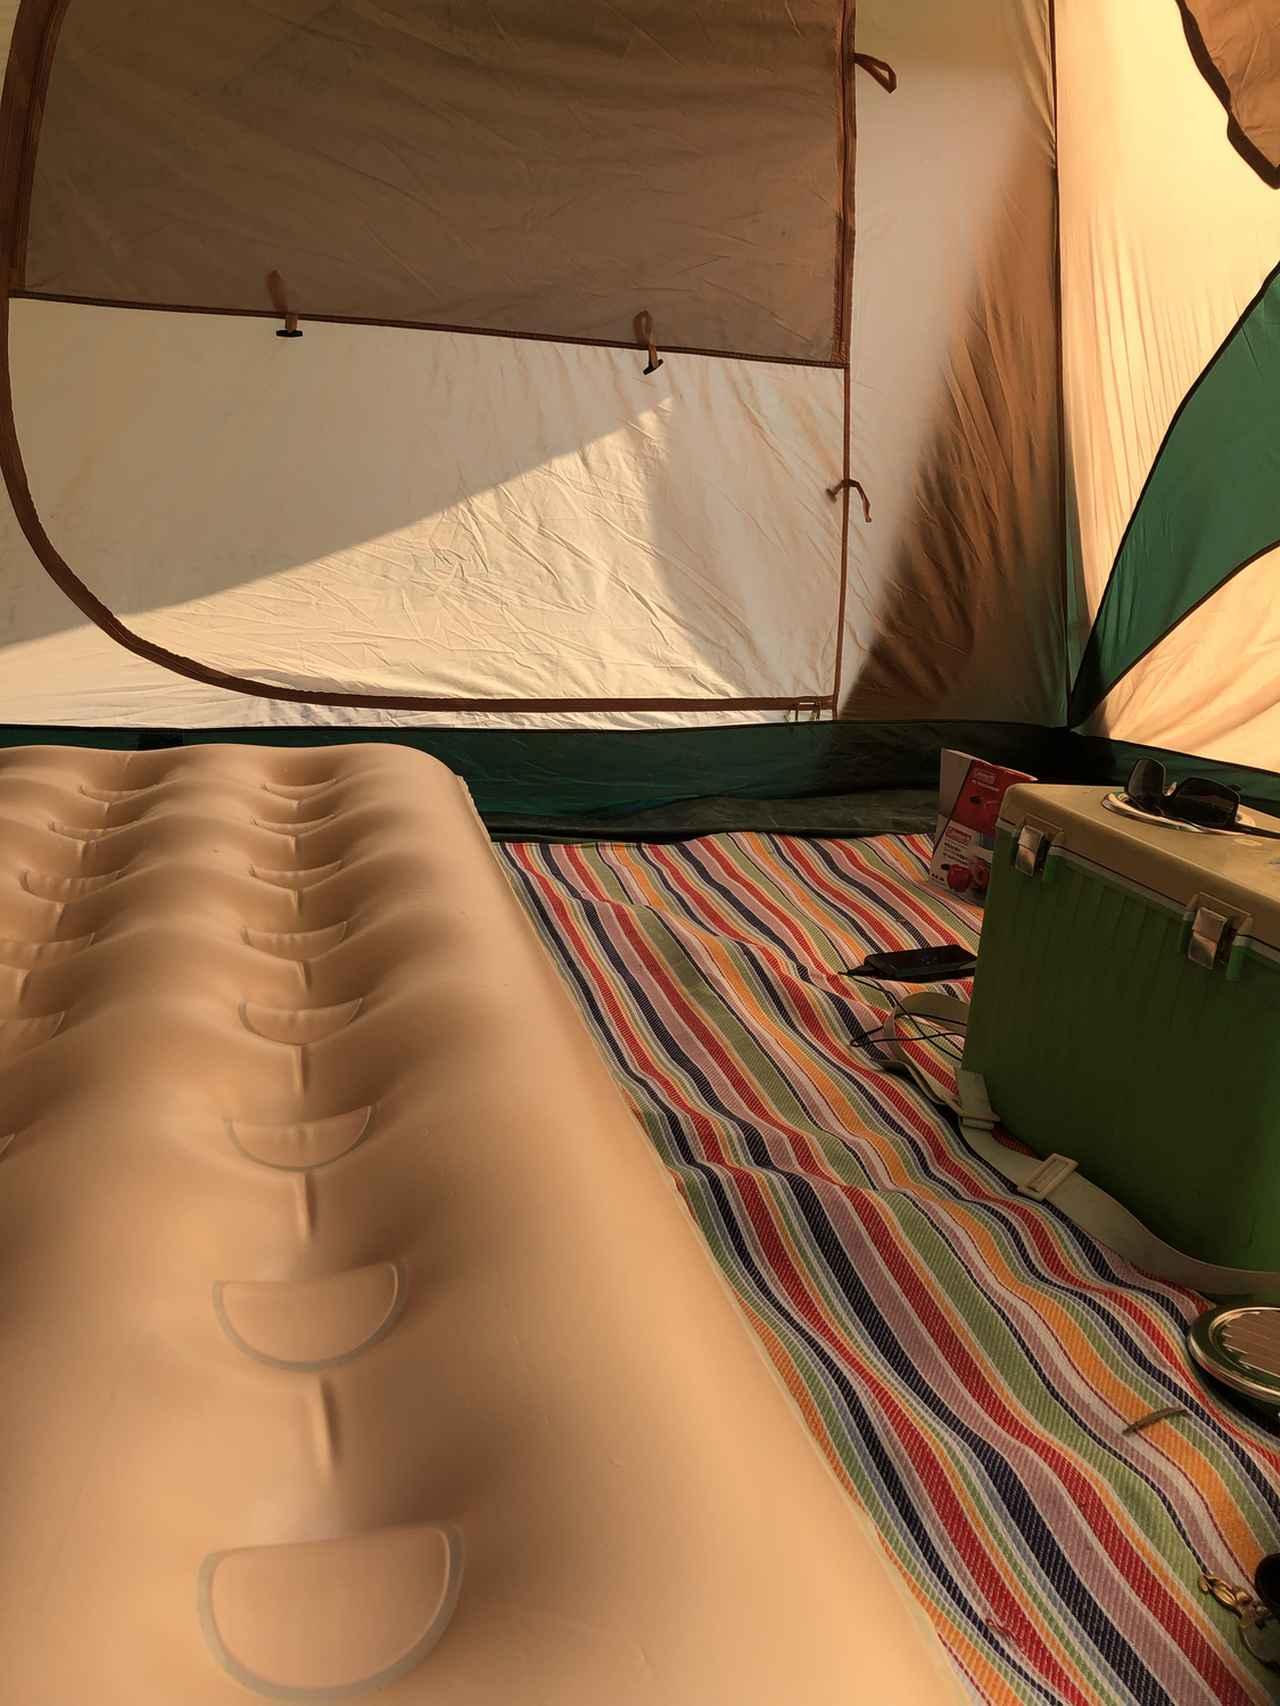 画像1: エアーベッド(マットレス)おすすめ12選 普段使い・キャンプ・車中泊まで!常用性?耐久性?